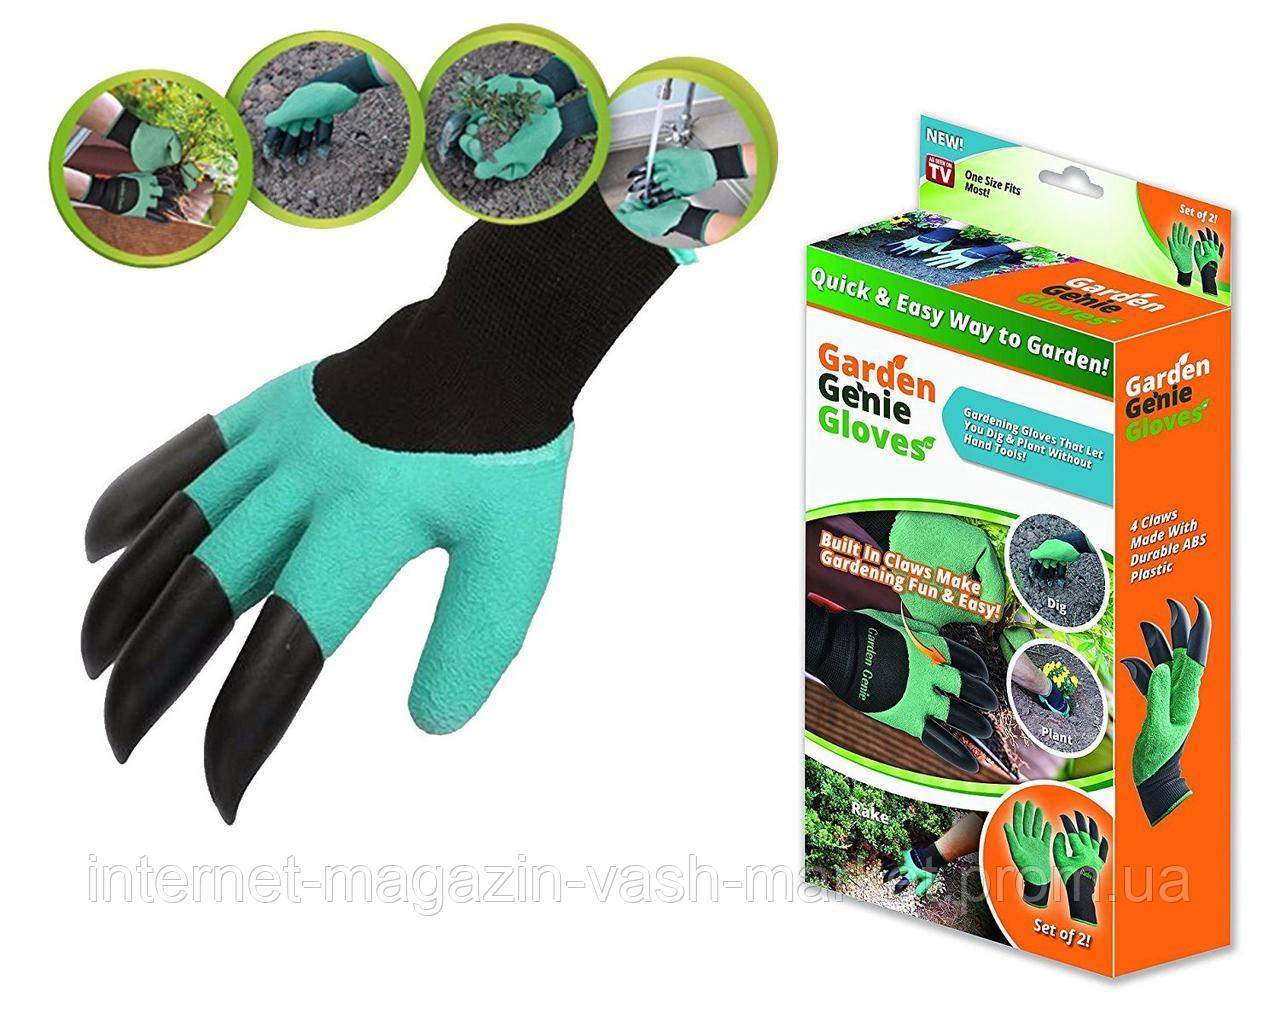 """Садовые перчатки с когтями Garden Genie Gloves, Хит продаж - Интернет магазин """"vash-market"""" в Одессе"""